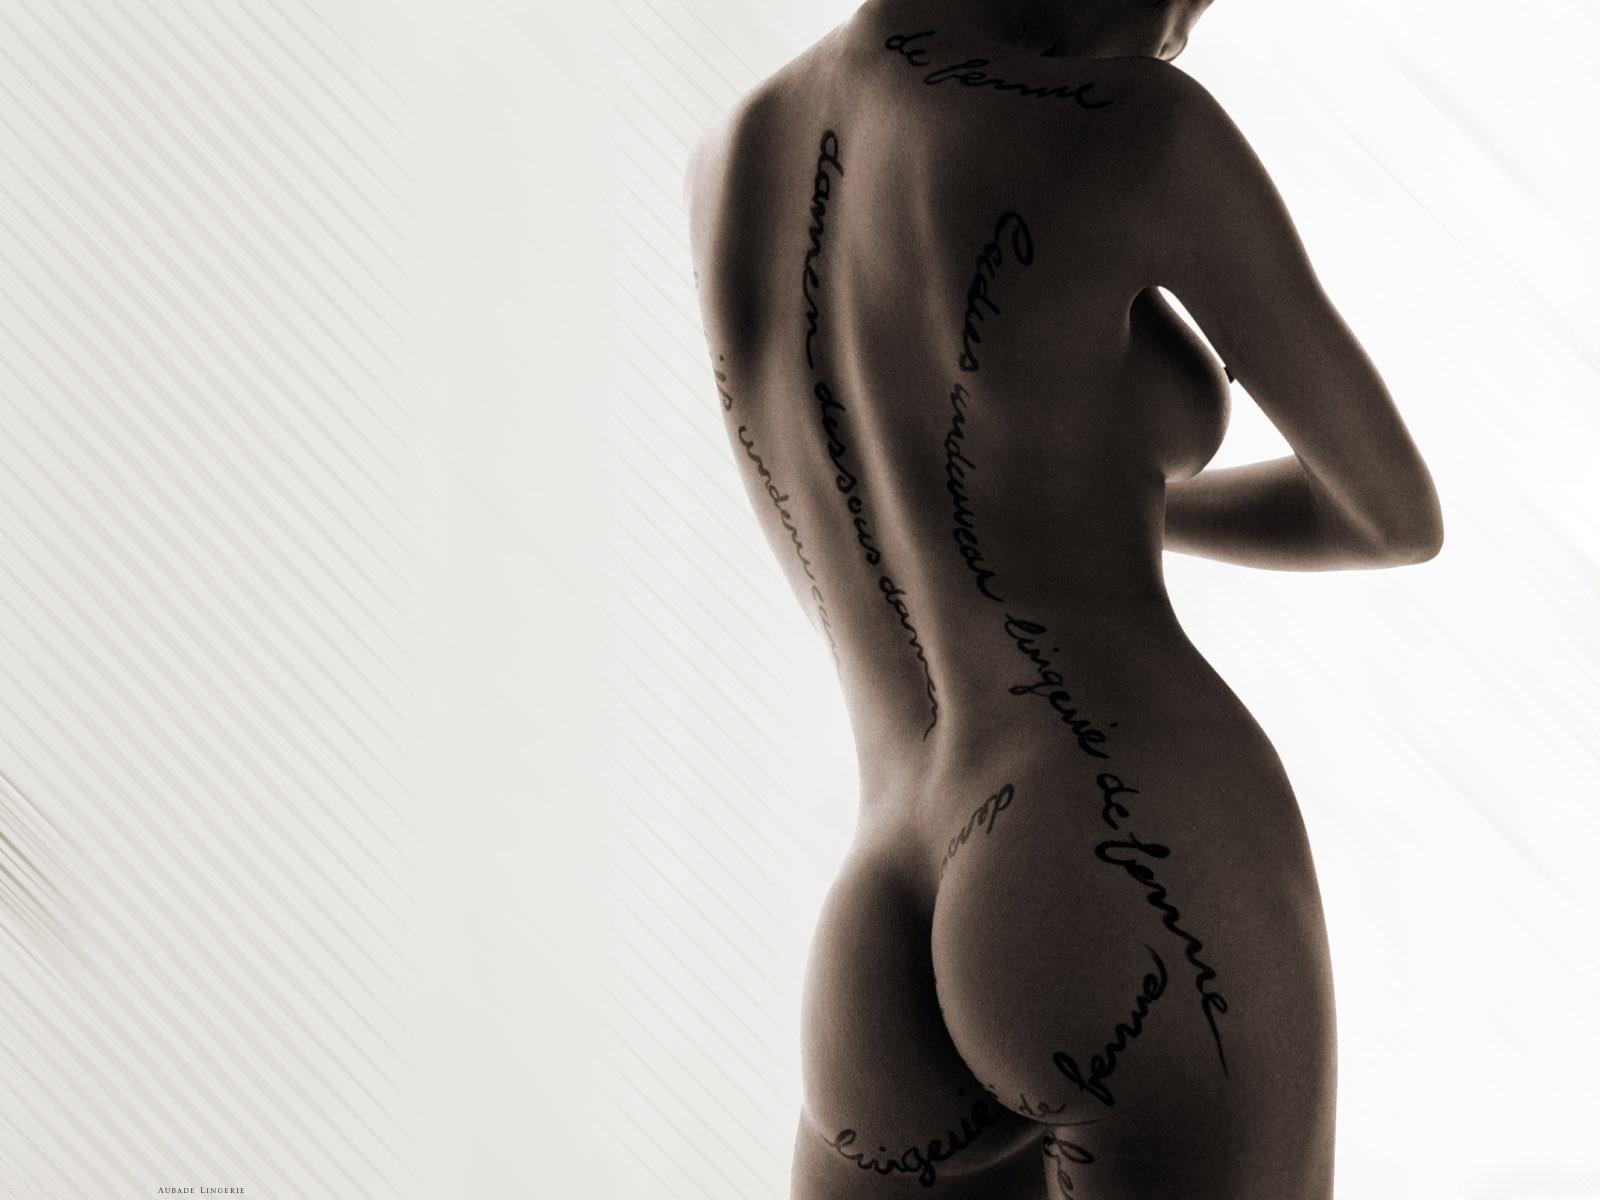 Фото Голая девушка с надписями по всему телу. Naked body, rear view, tattoo, ass, tits, back, скачать картинку бесплатно